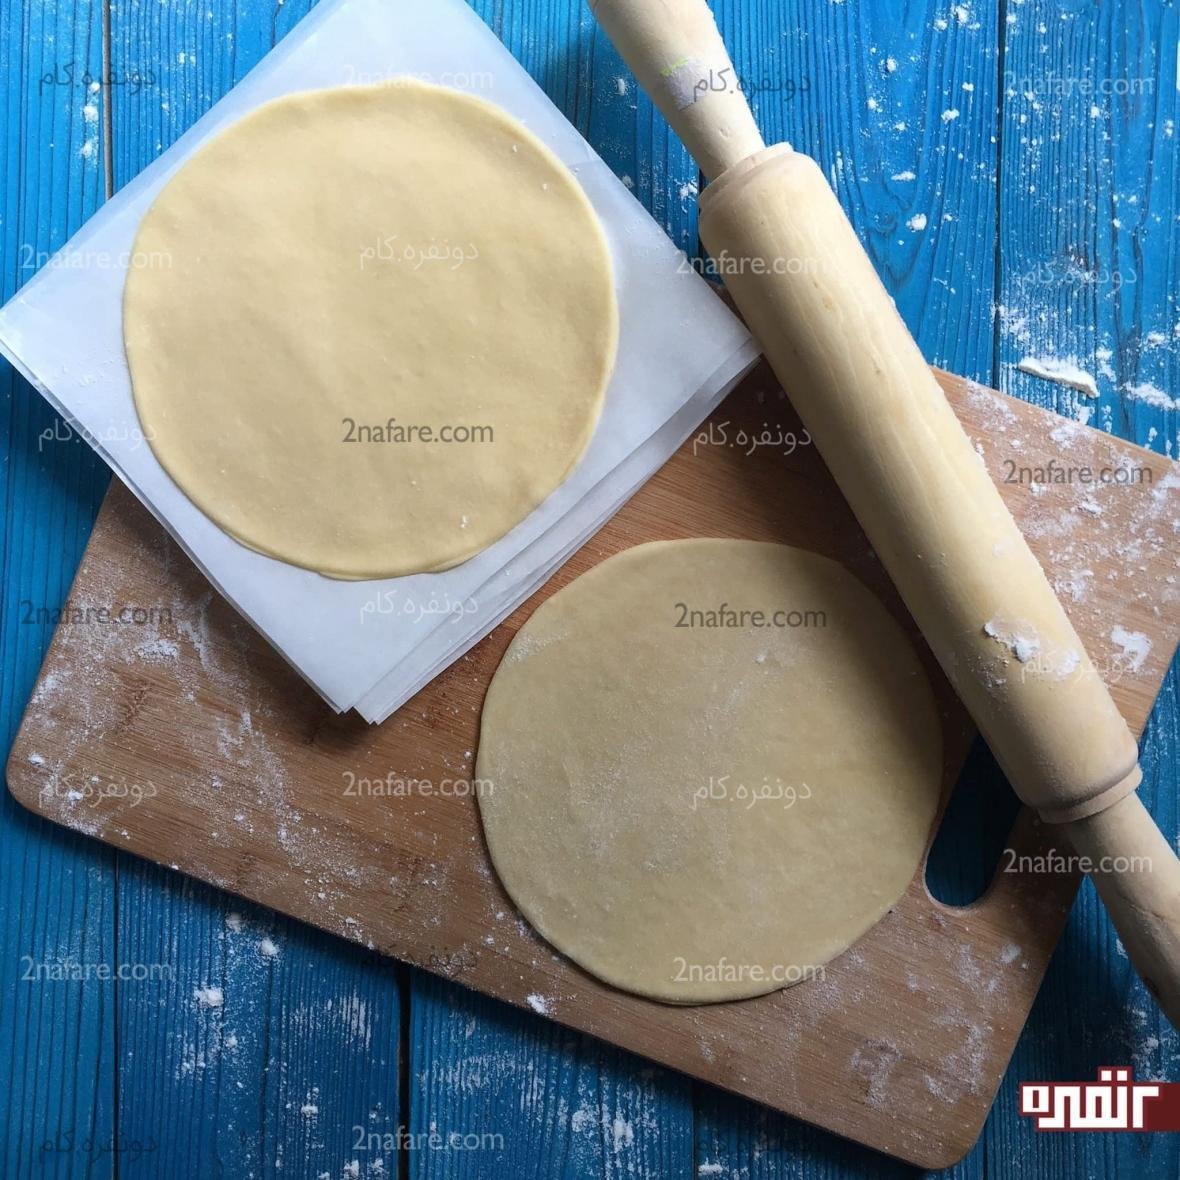 طرز تهیه خمیر پیراشکی خانگی مرحله به مرحله